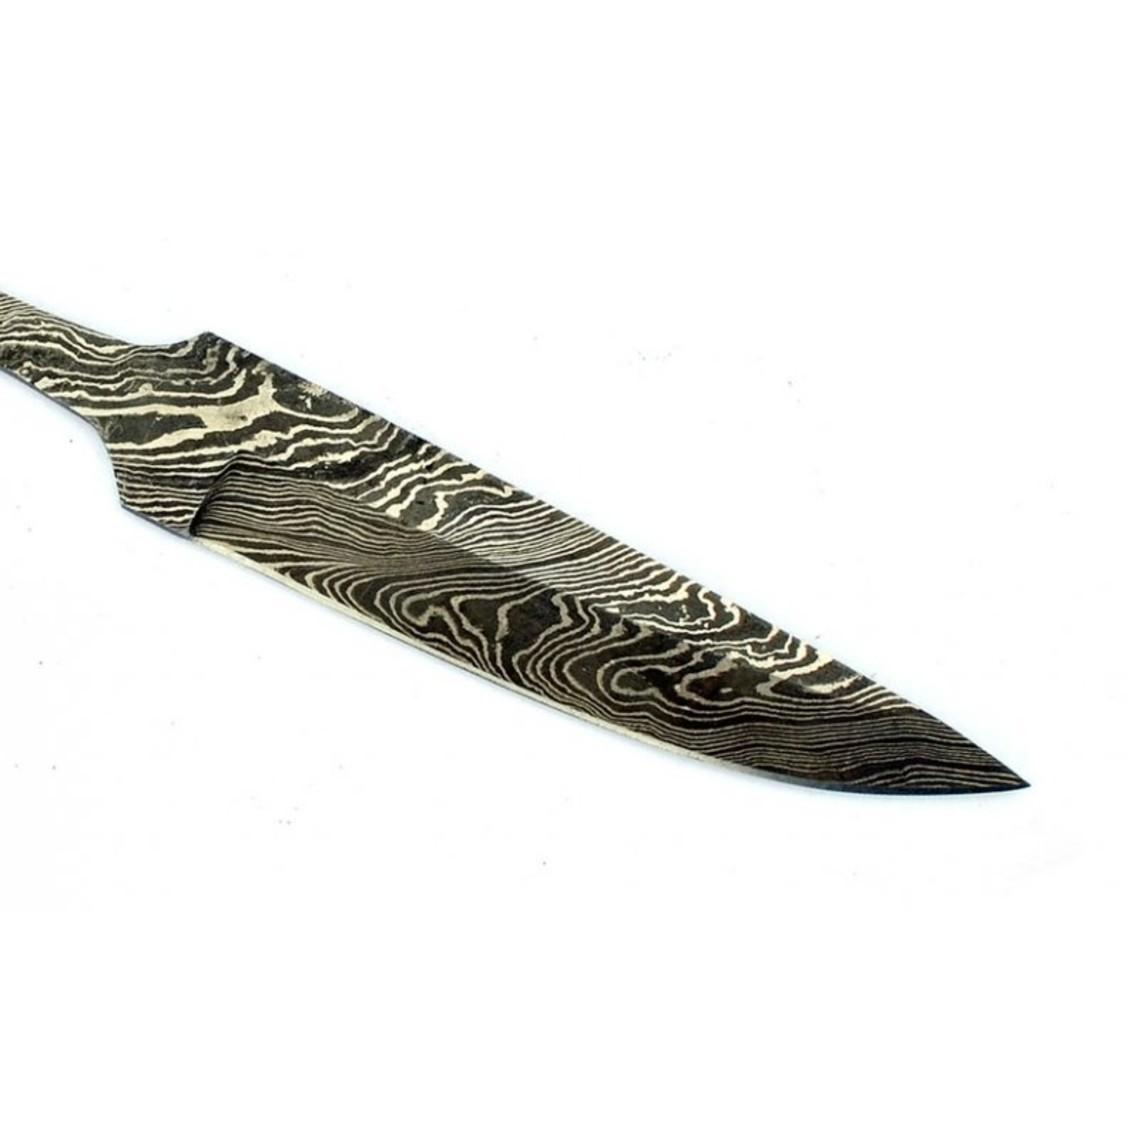 Viking knife blade damascus steel, 20 cm